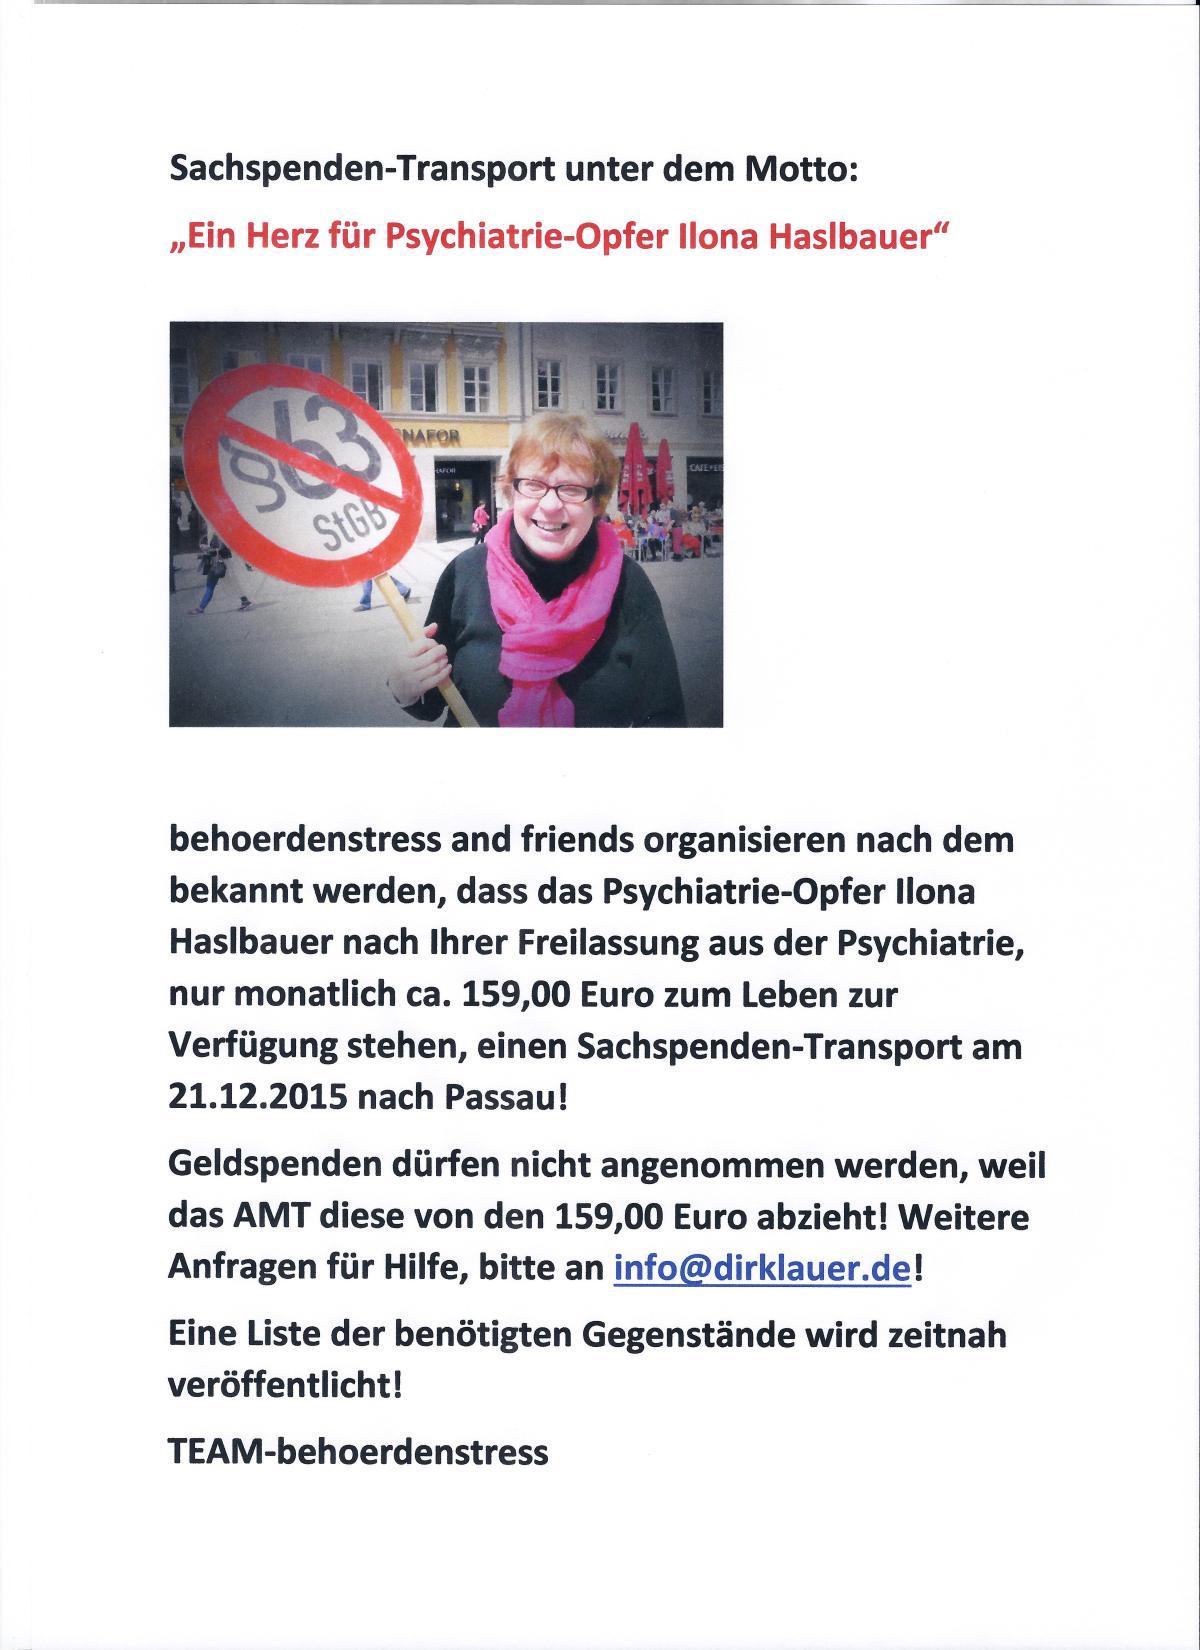 """+++ HINWEIS +++ Sachspenden-Transport unter dem Motto: """"Ein Herz für Psychiatrie-Opfer IlonaHaslbauer""""!"""